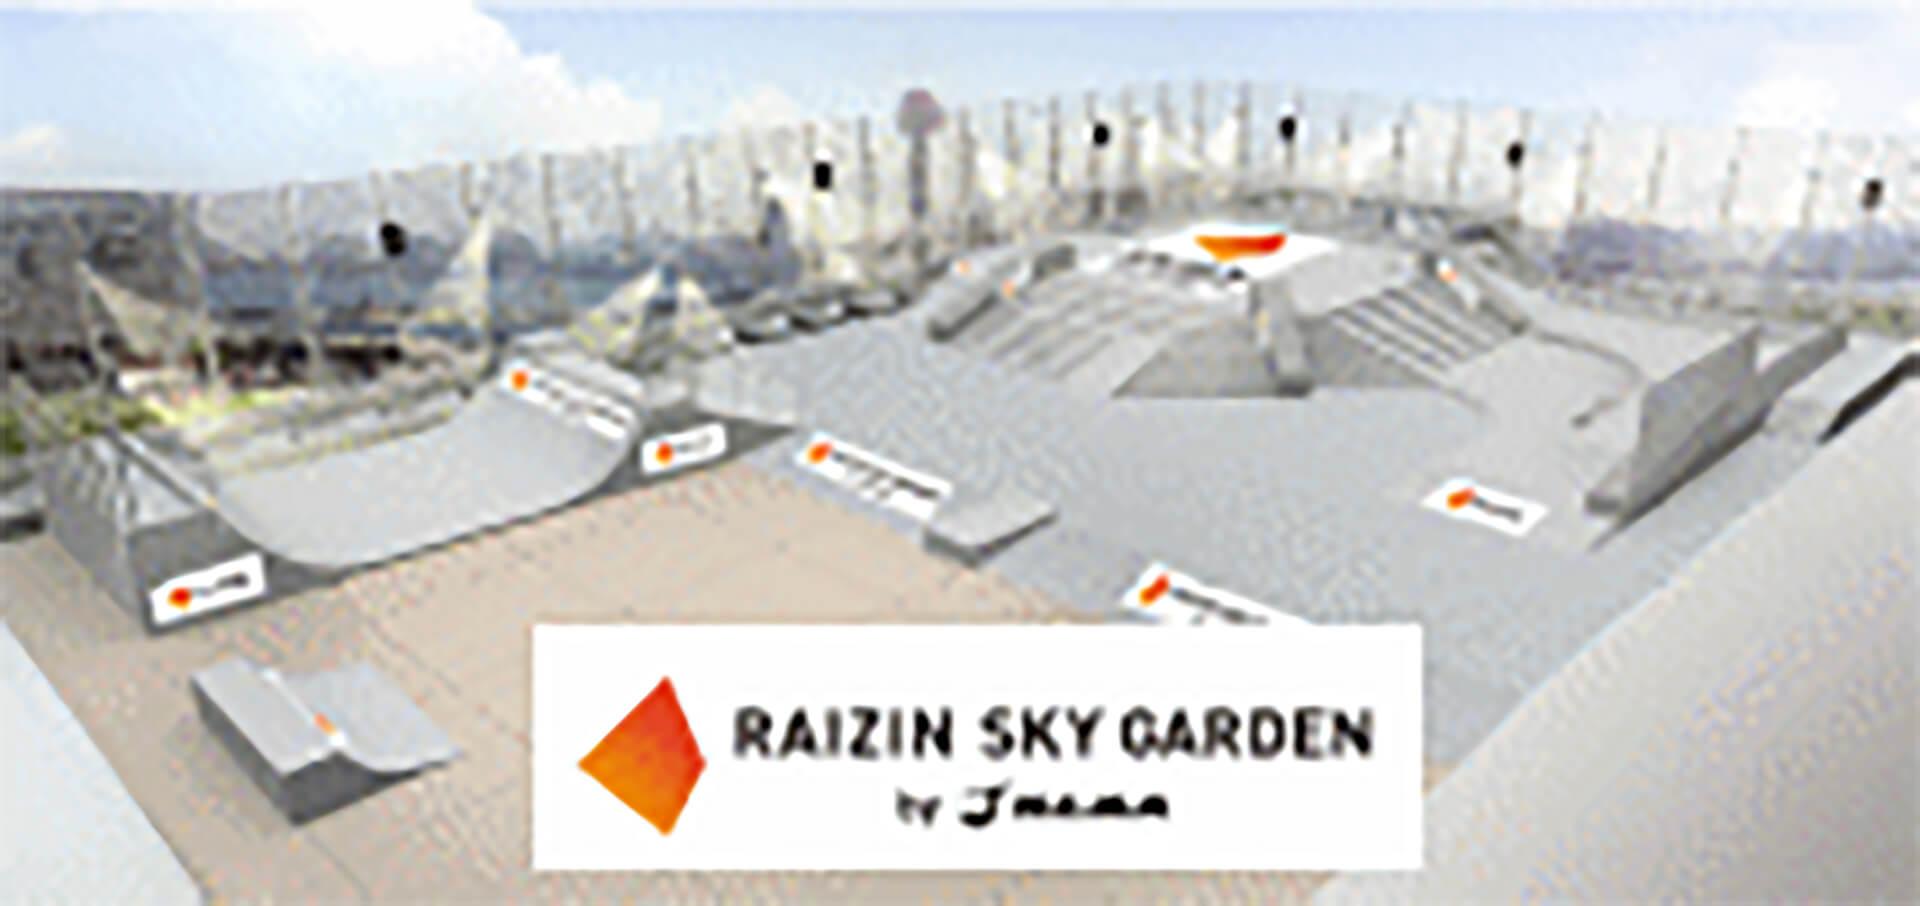 RAIZIN SKY GARDEN by H.L.N.A